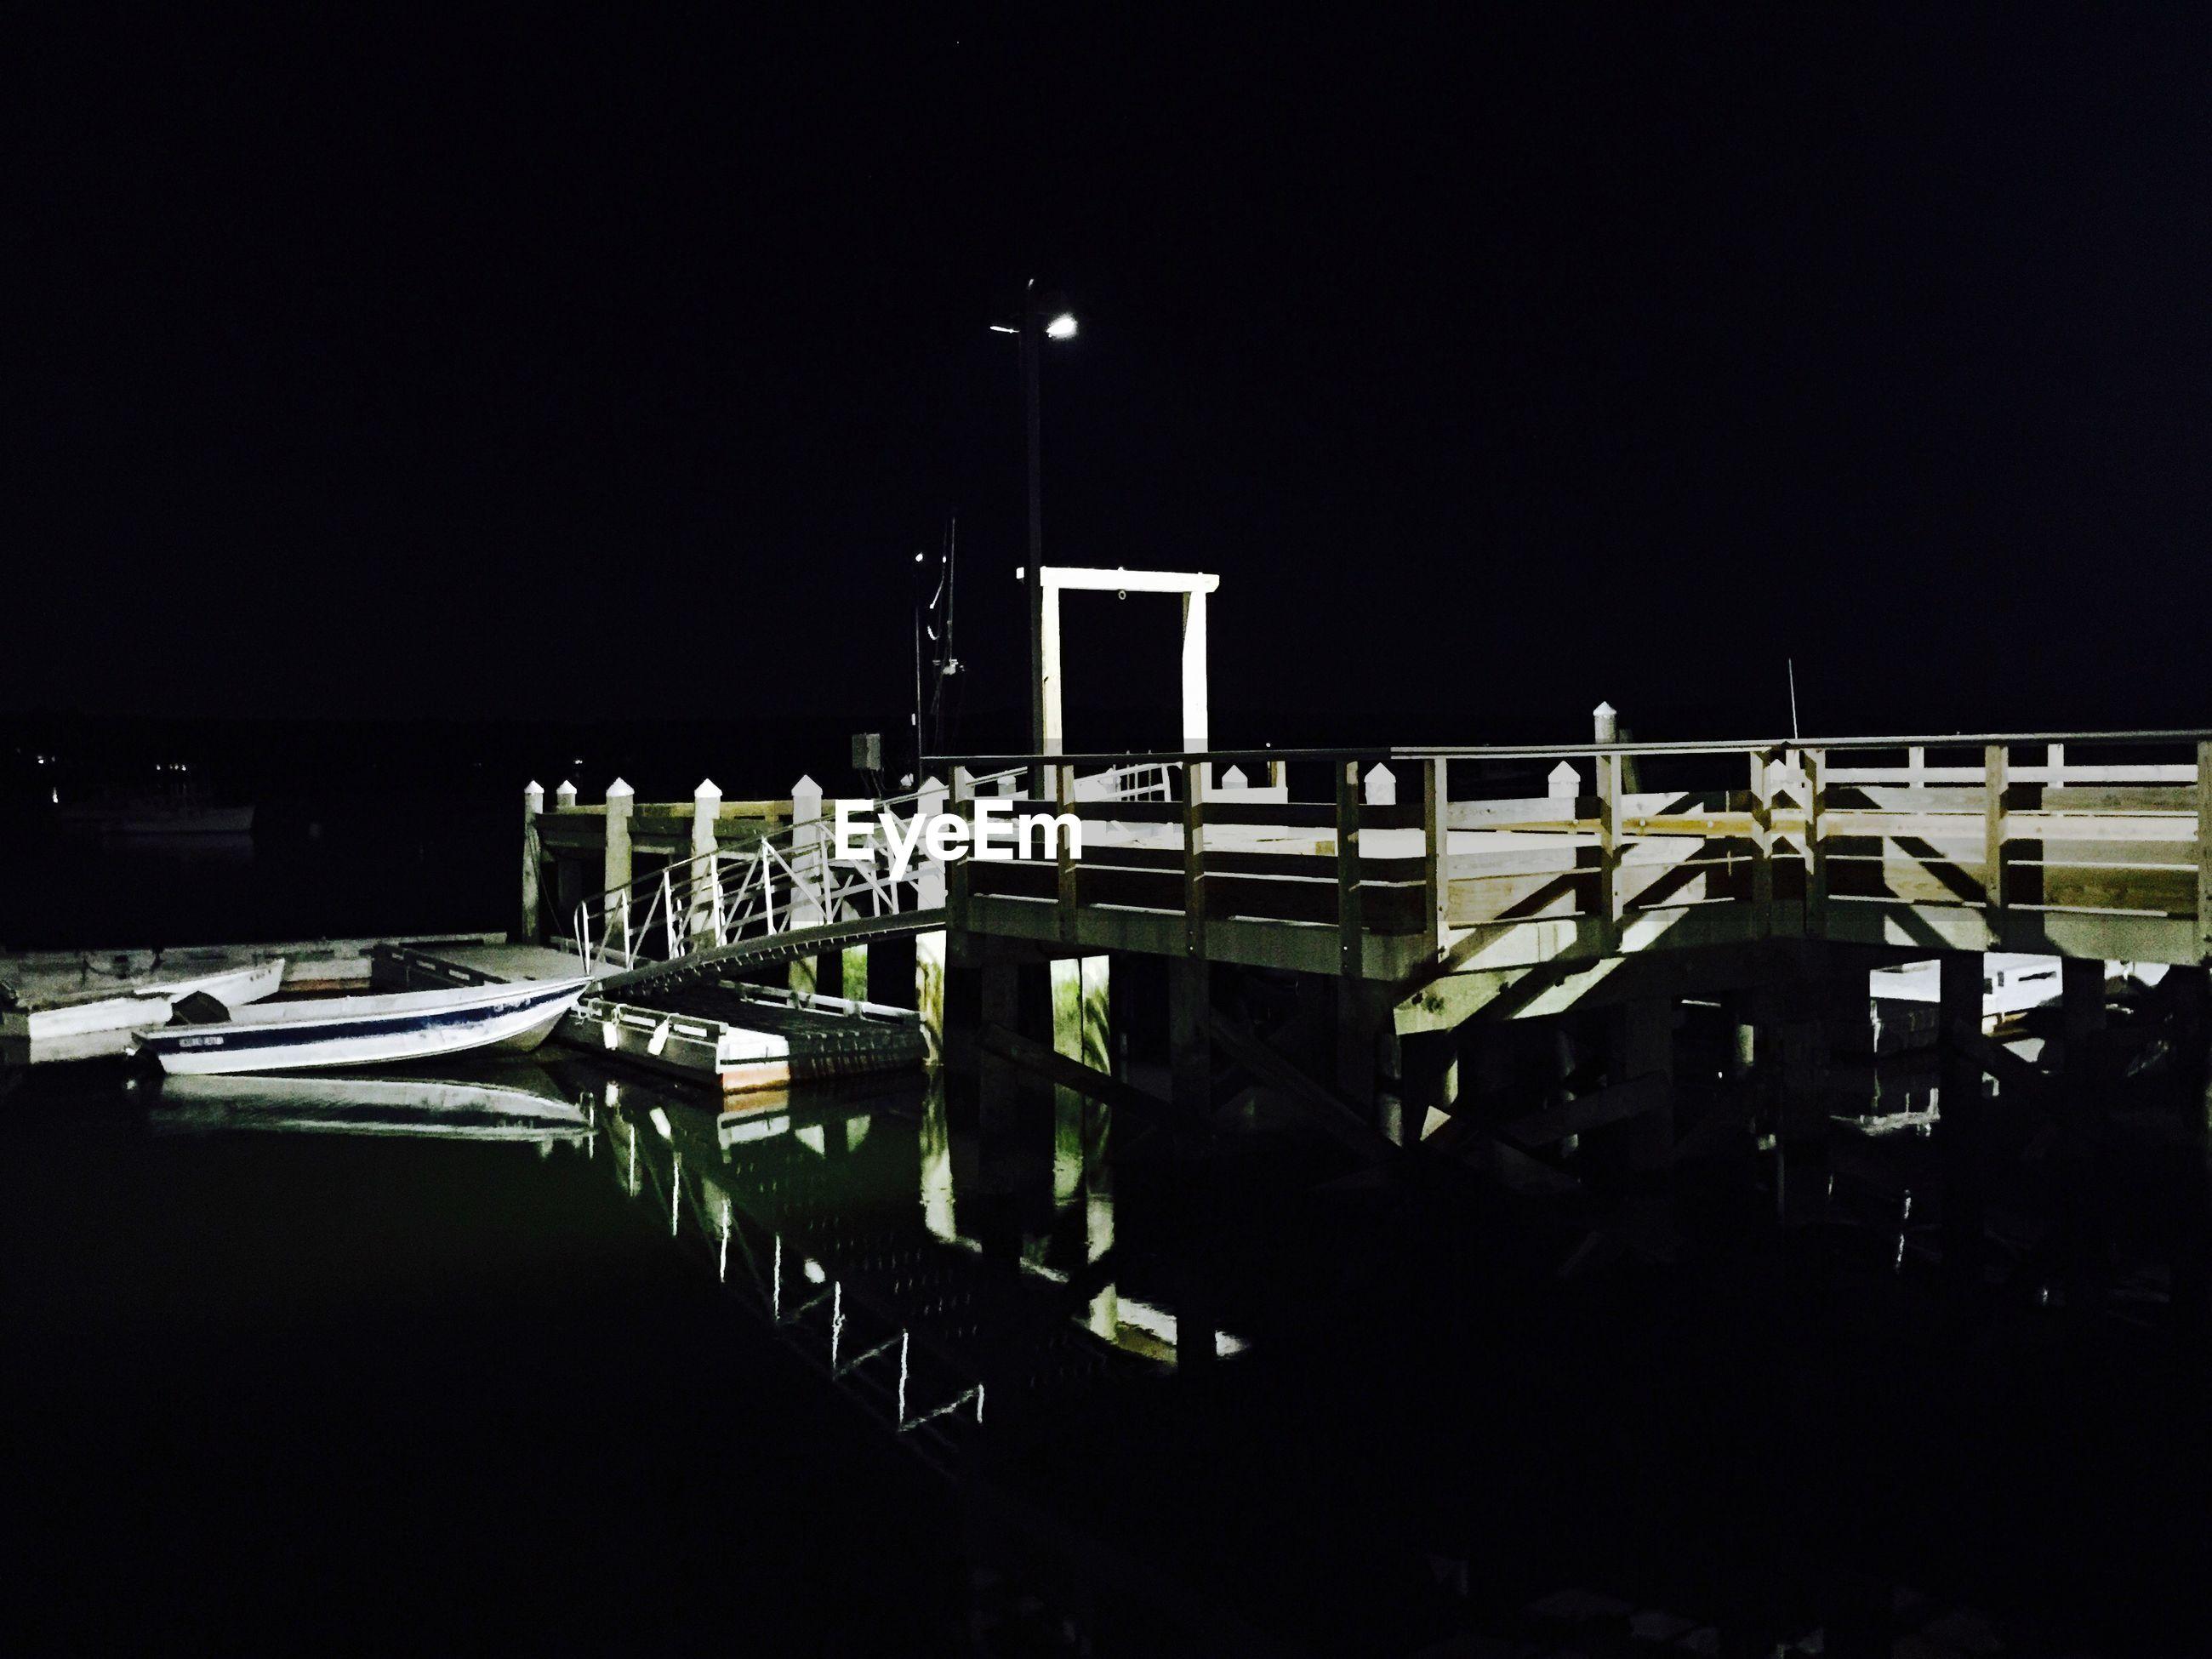 Pier on lake at night